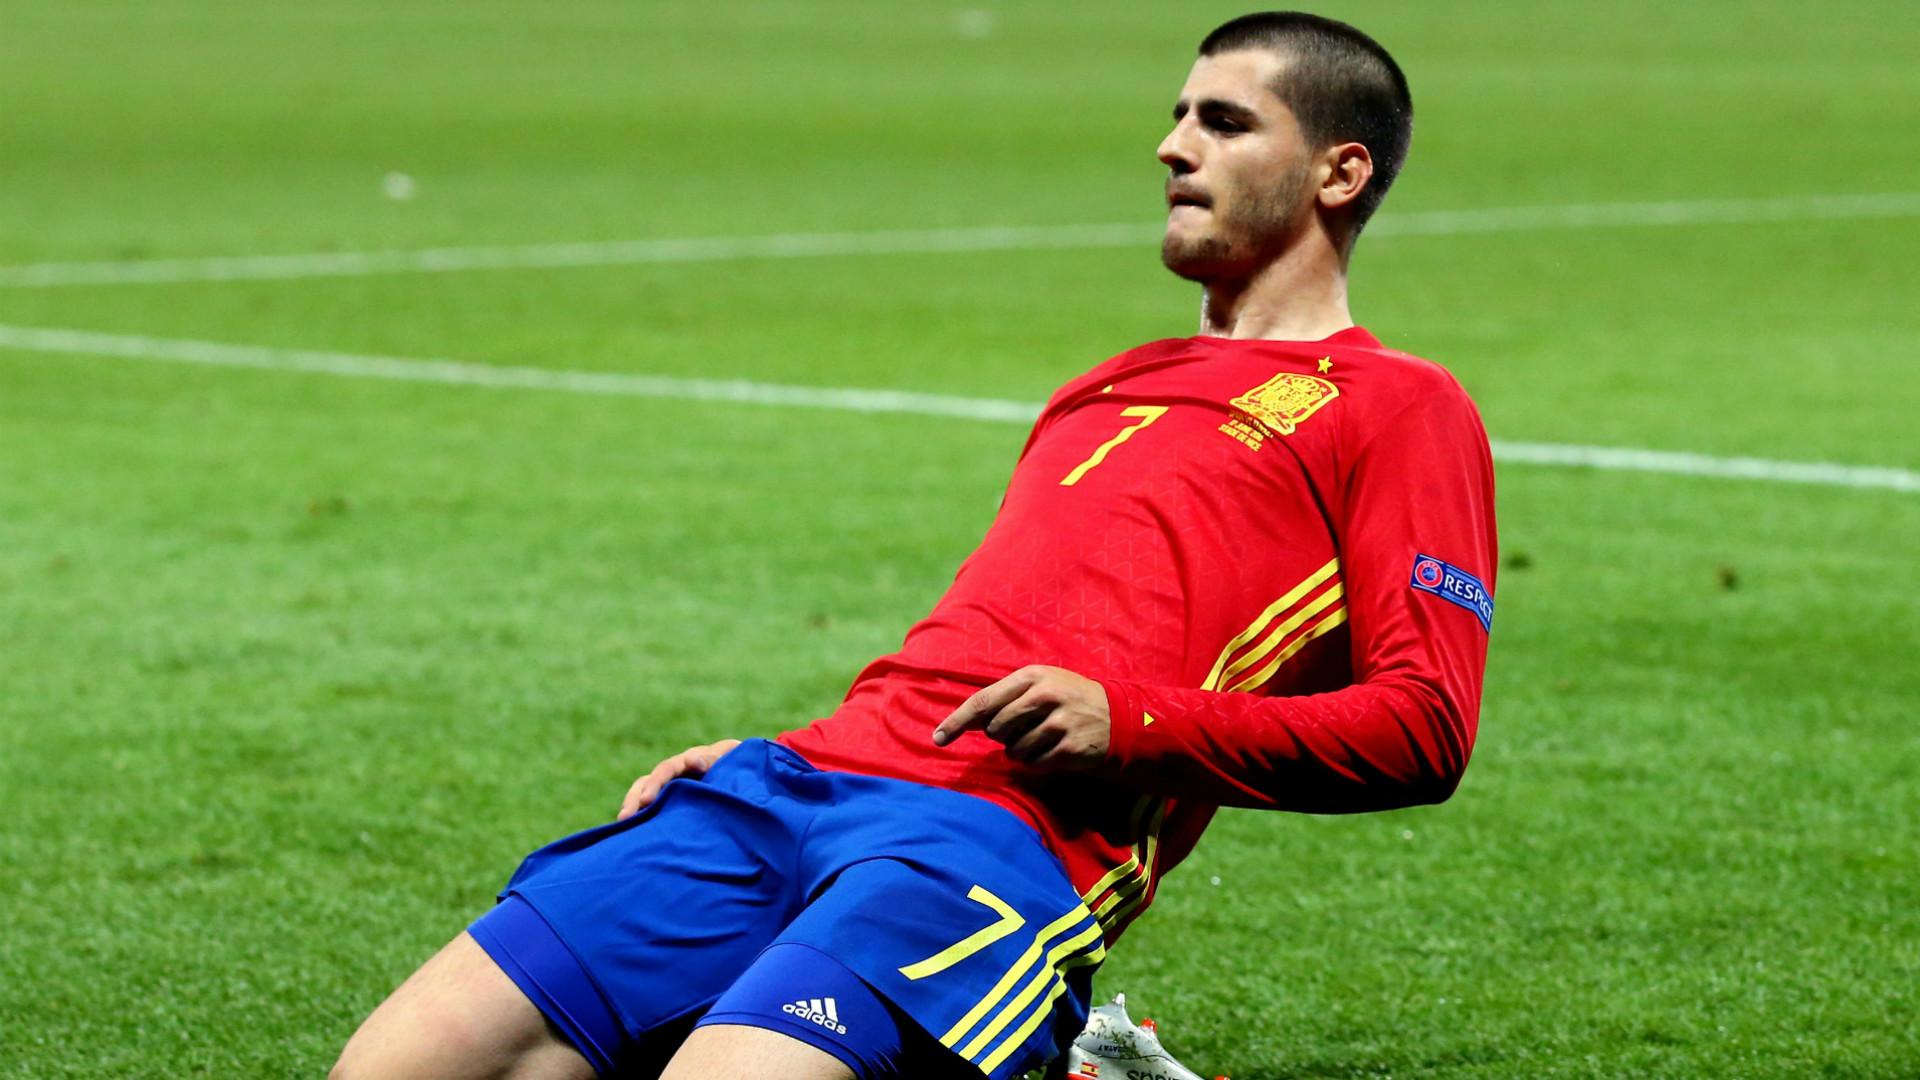 Il Real Madrid ci ripensa: Morata resta. Il giocatore: